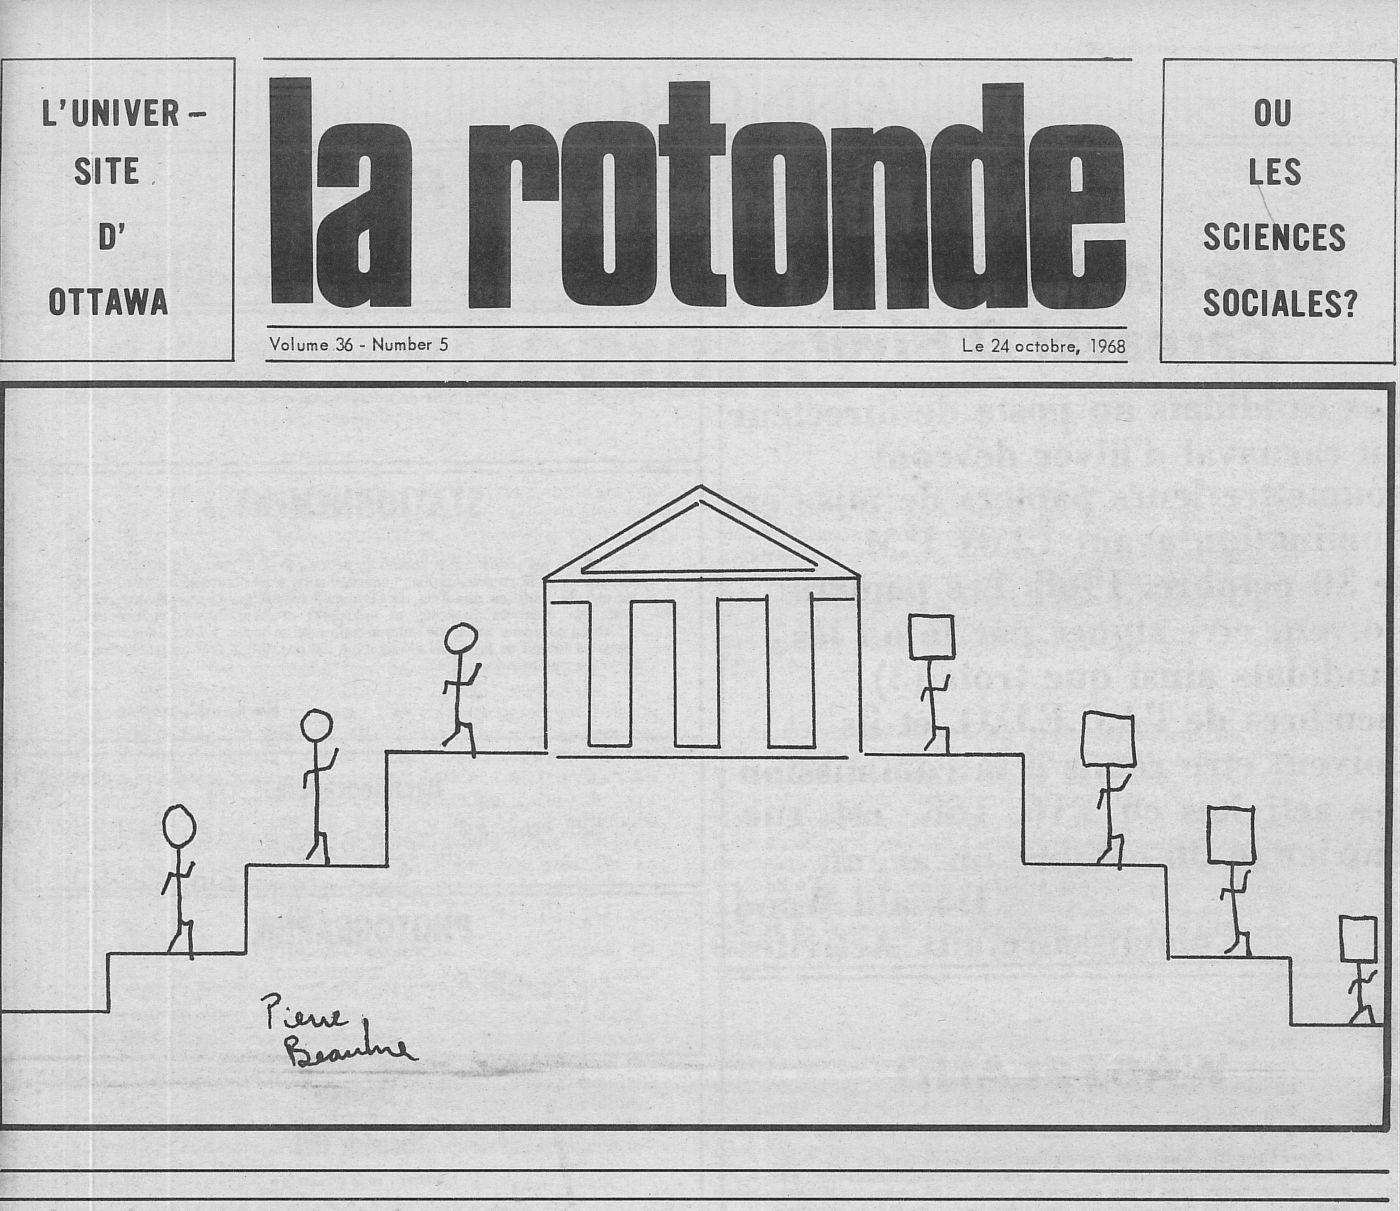 Première page d'un journal, en français. Un dessin en noir et blanc représente des bonhommes allumettes à la tête ronde, qui montent vers un édifice pour en redescendre avec des têtes carrées. Sous l'image, une signature.